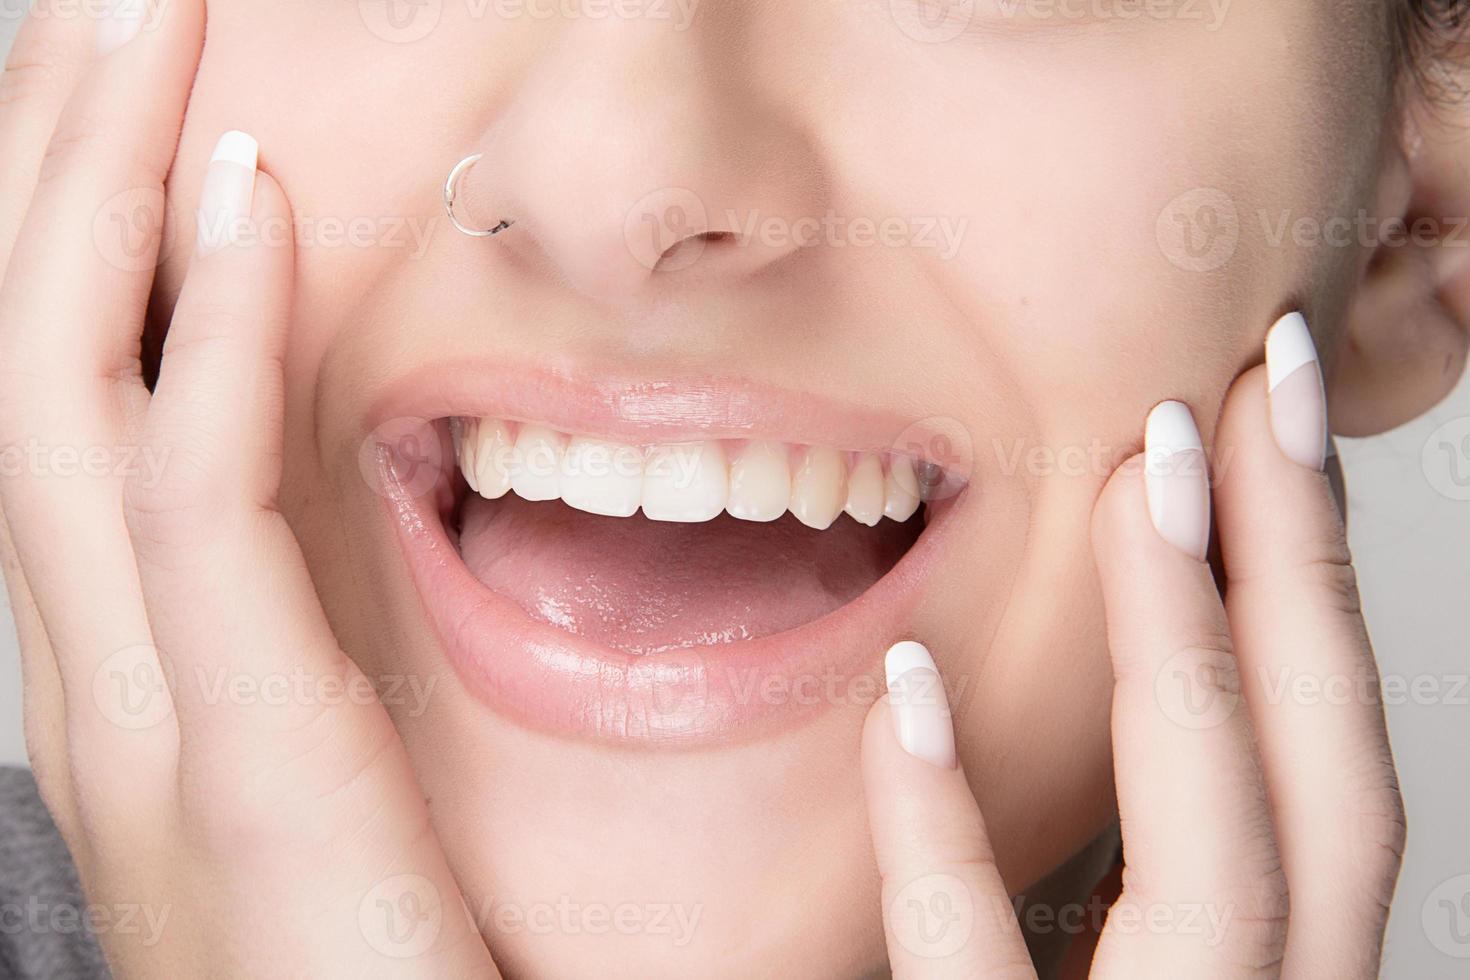 hälsosam mun. skönhet leende. fransk manikyr foto